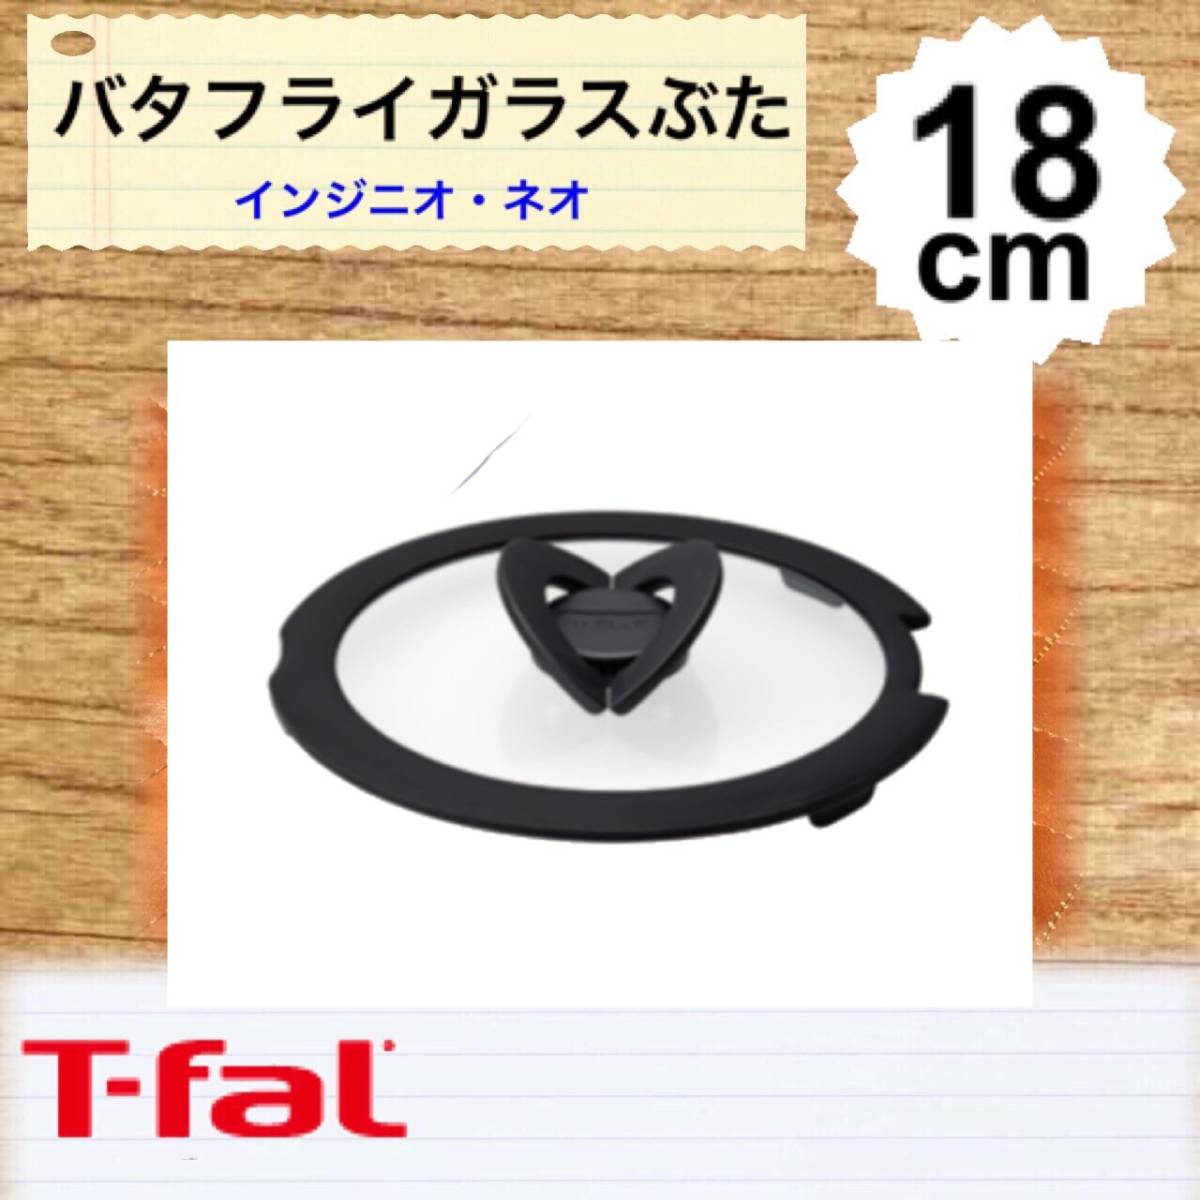 SD♪送0♪T-fal♪インジニオ・ネオ バタフライガラスぶた18cm 鍋蓋 ガラス蓋 鍋ふた ティファール ポイント消化